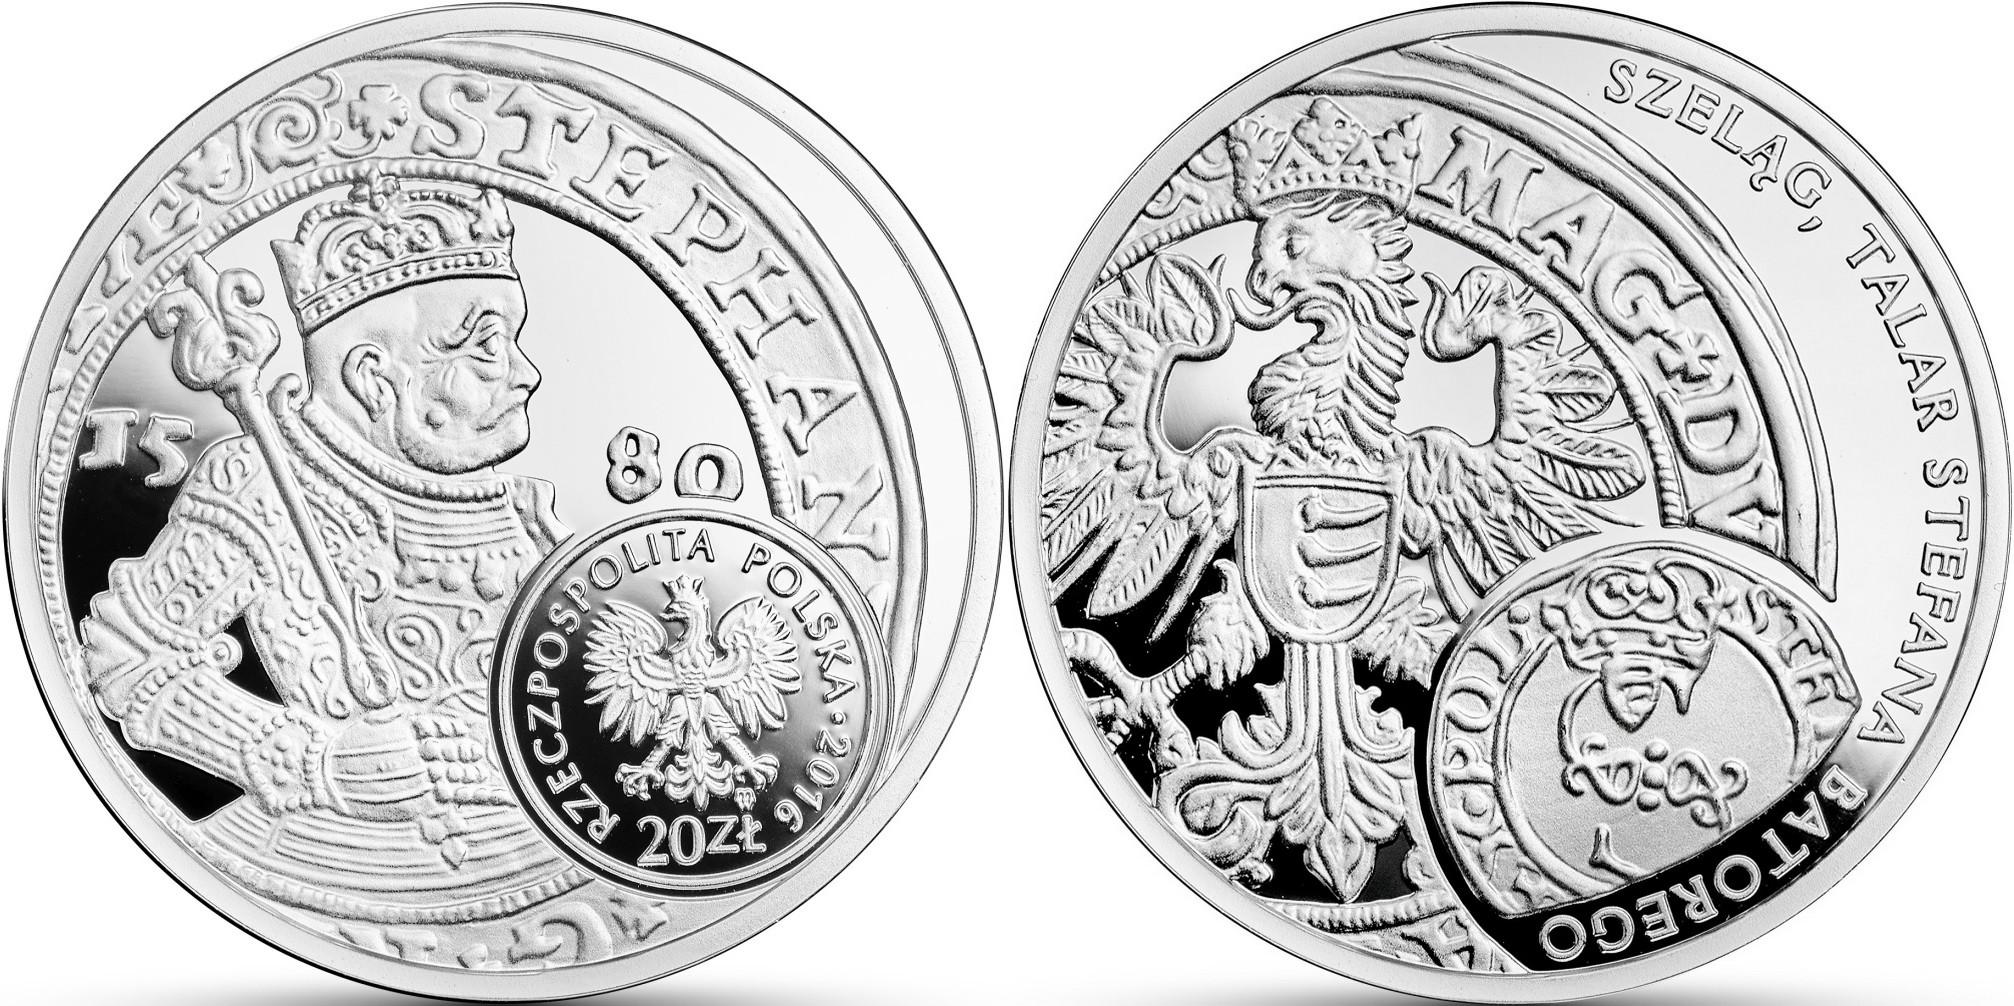 pologne 2016 histoire monnaie polonaise thaler du roi bathory